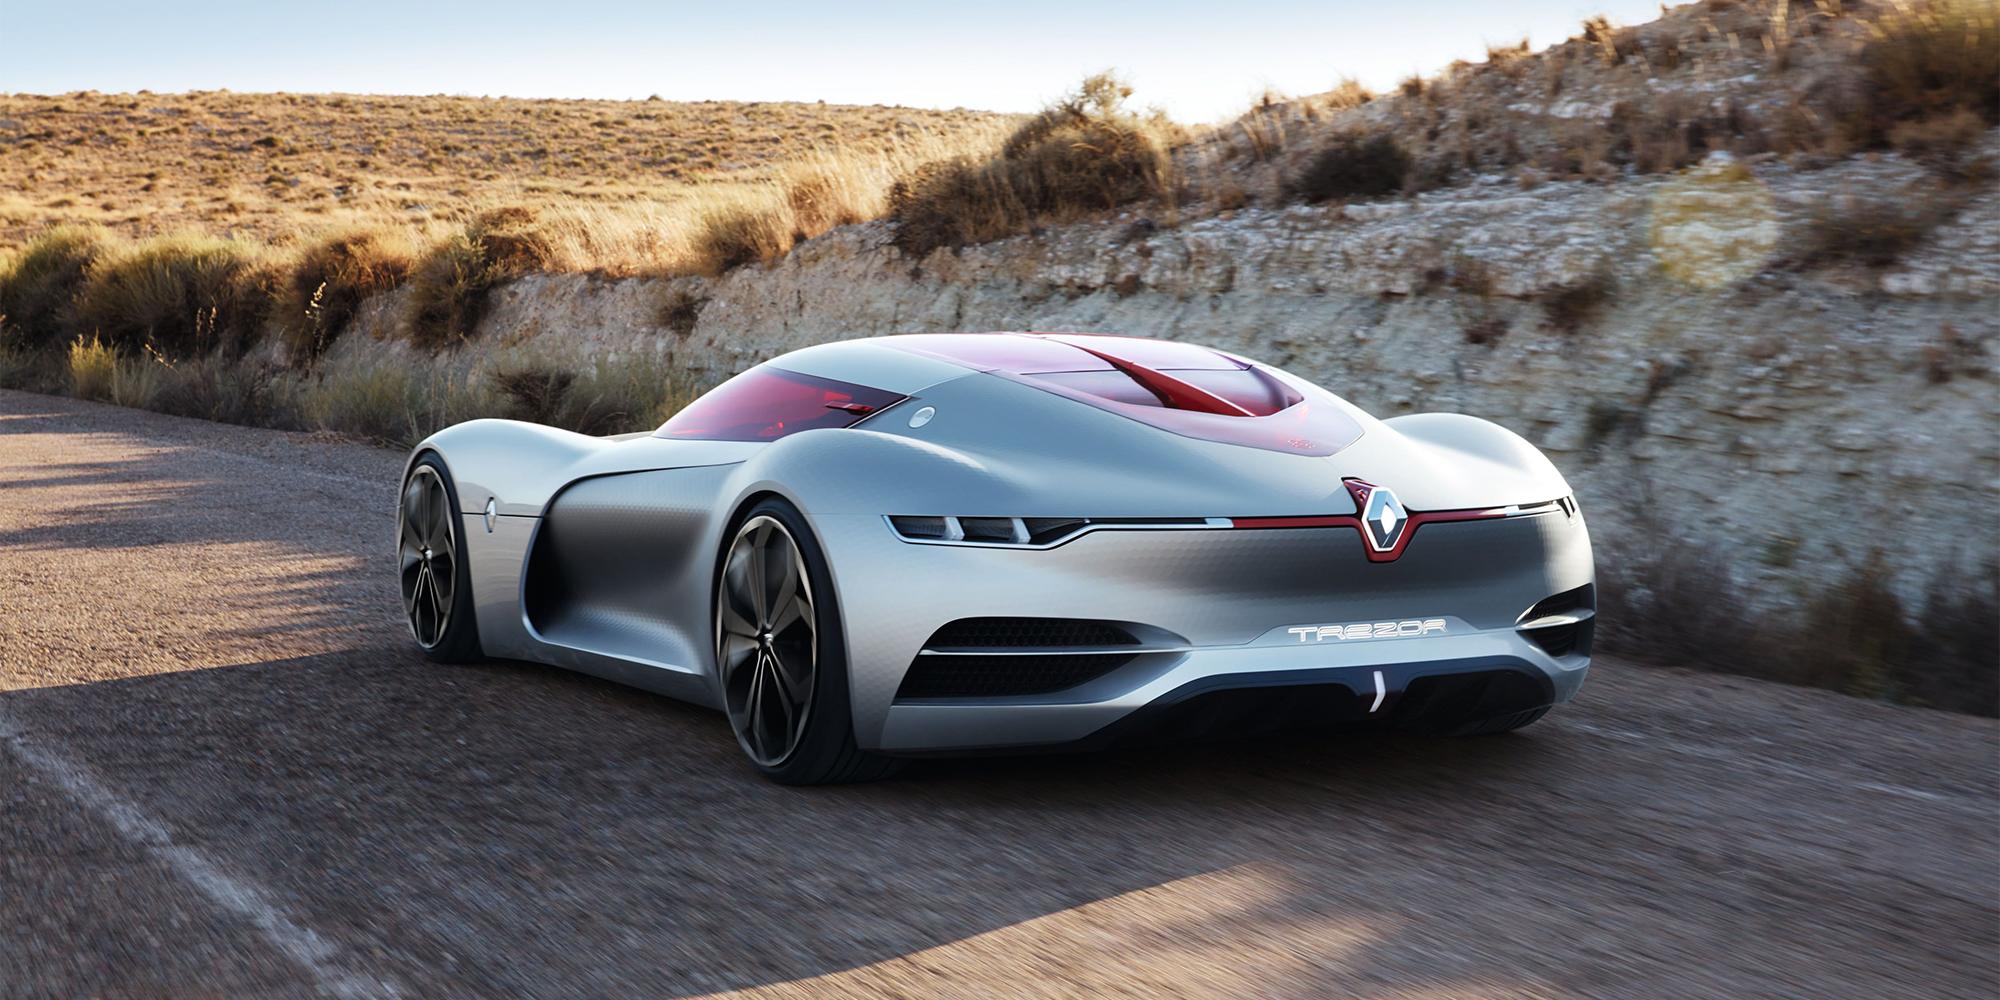 Elektro-Studie im Fahrbericht: Renault Trezor begeistert Tester